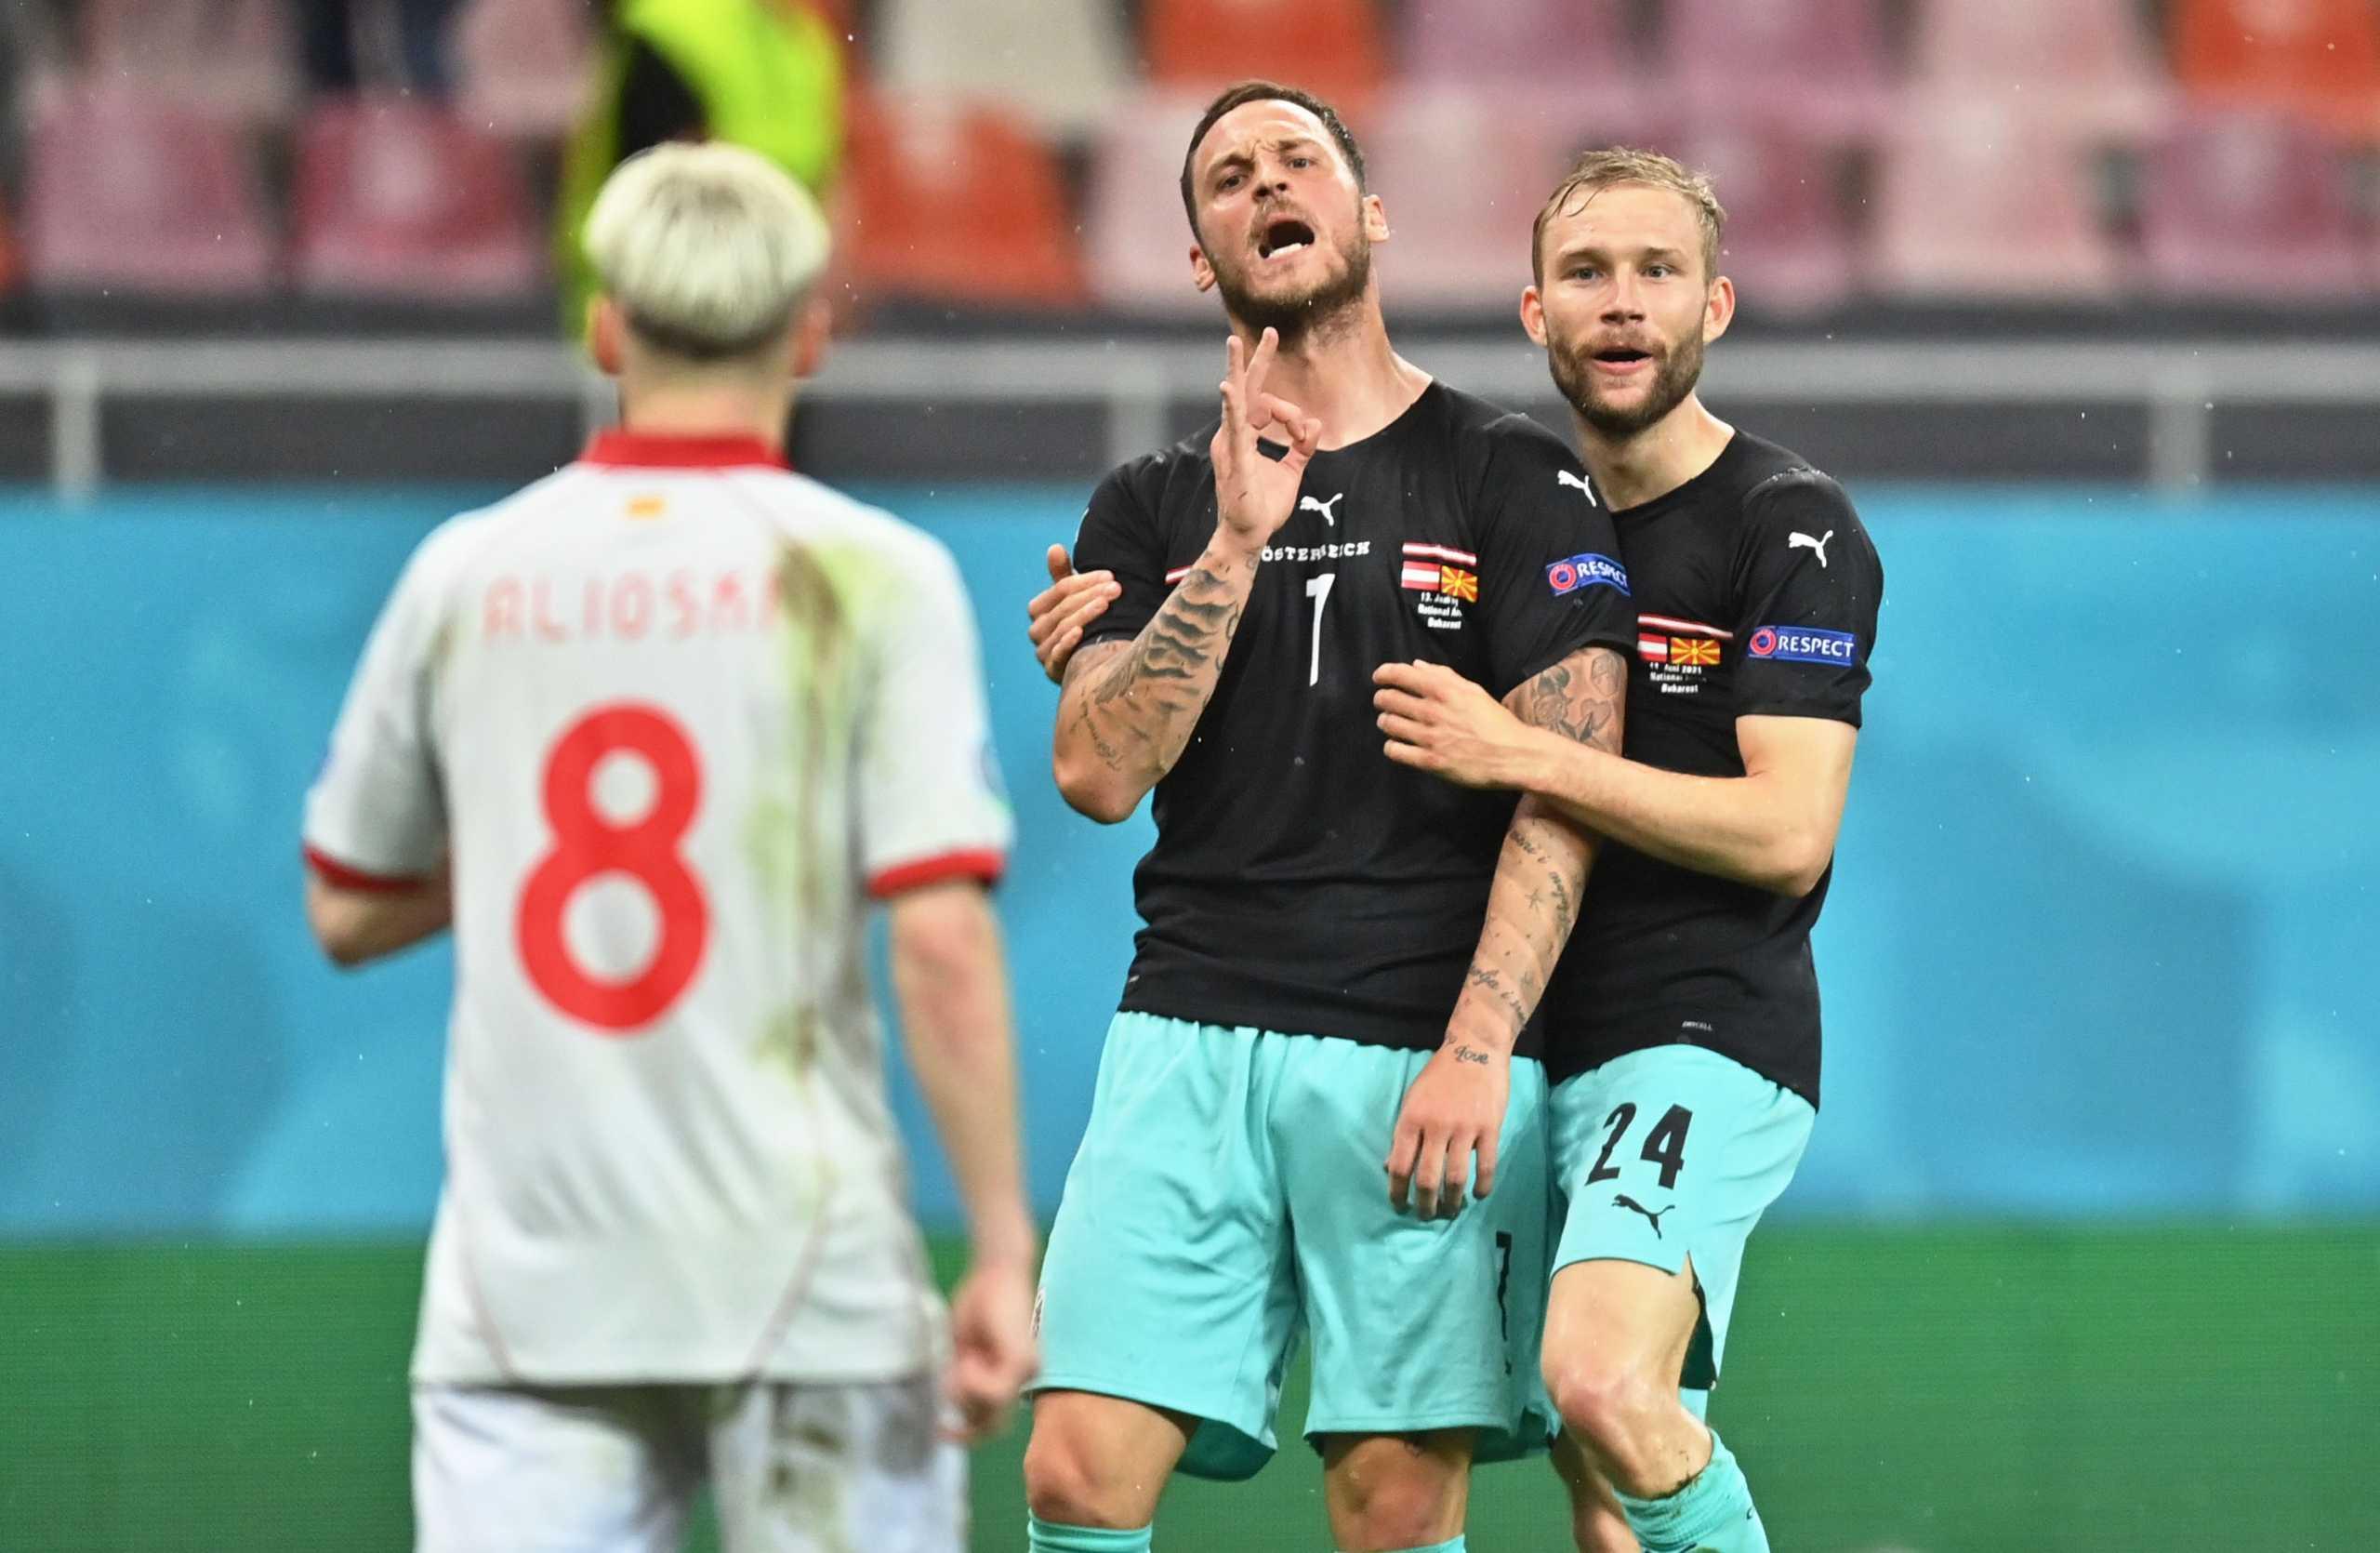 Ο Αρναούτοβιτς απολογήθηκε για τη χυδαία του συμπεριφορά: «Δεν είμαι ρατσιστής»